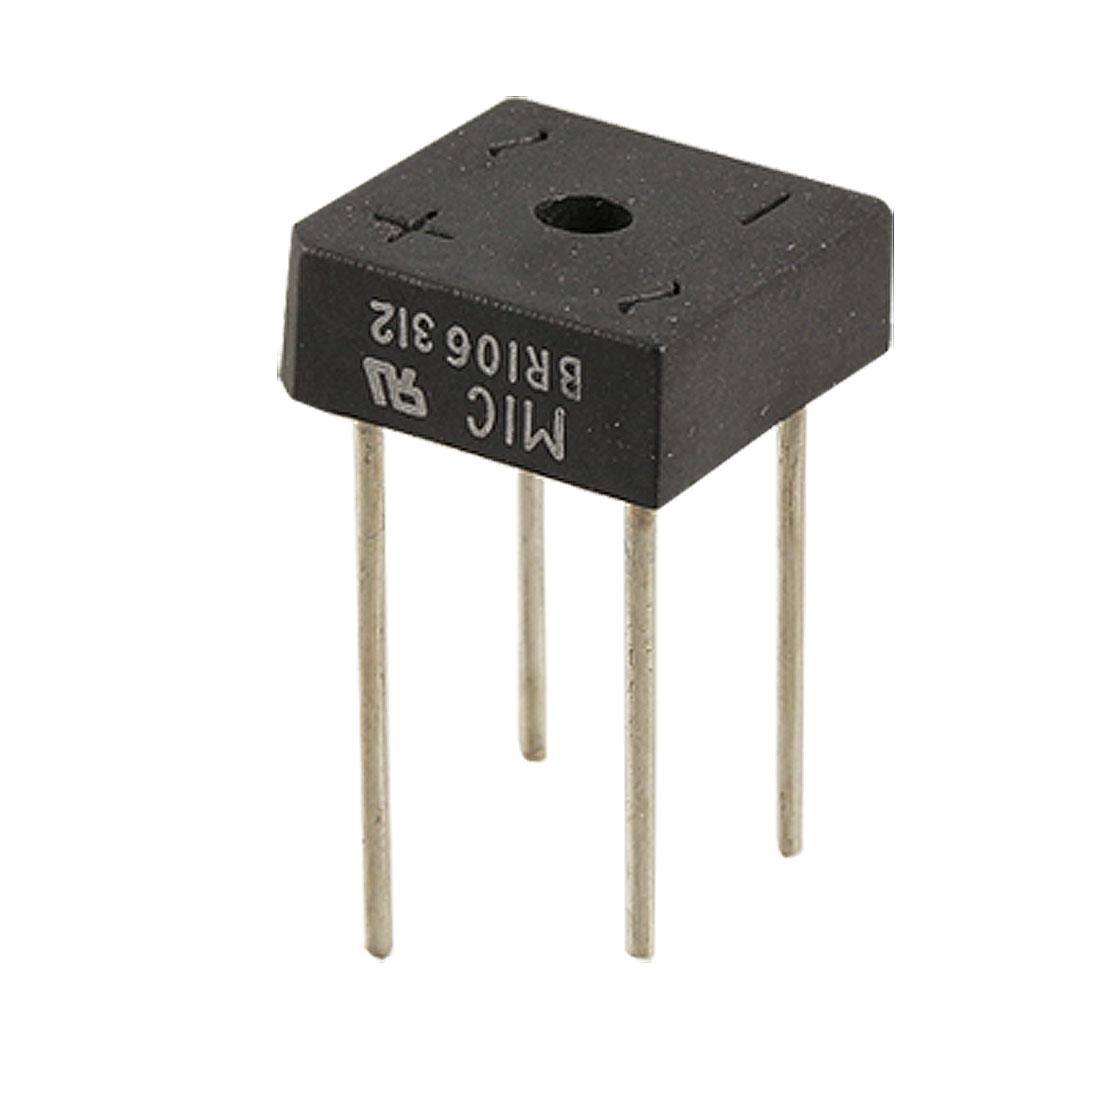 600V 10A Single Phase Silicon Bridge Rectifier BR106